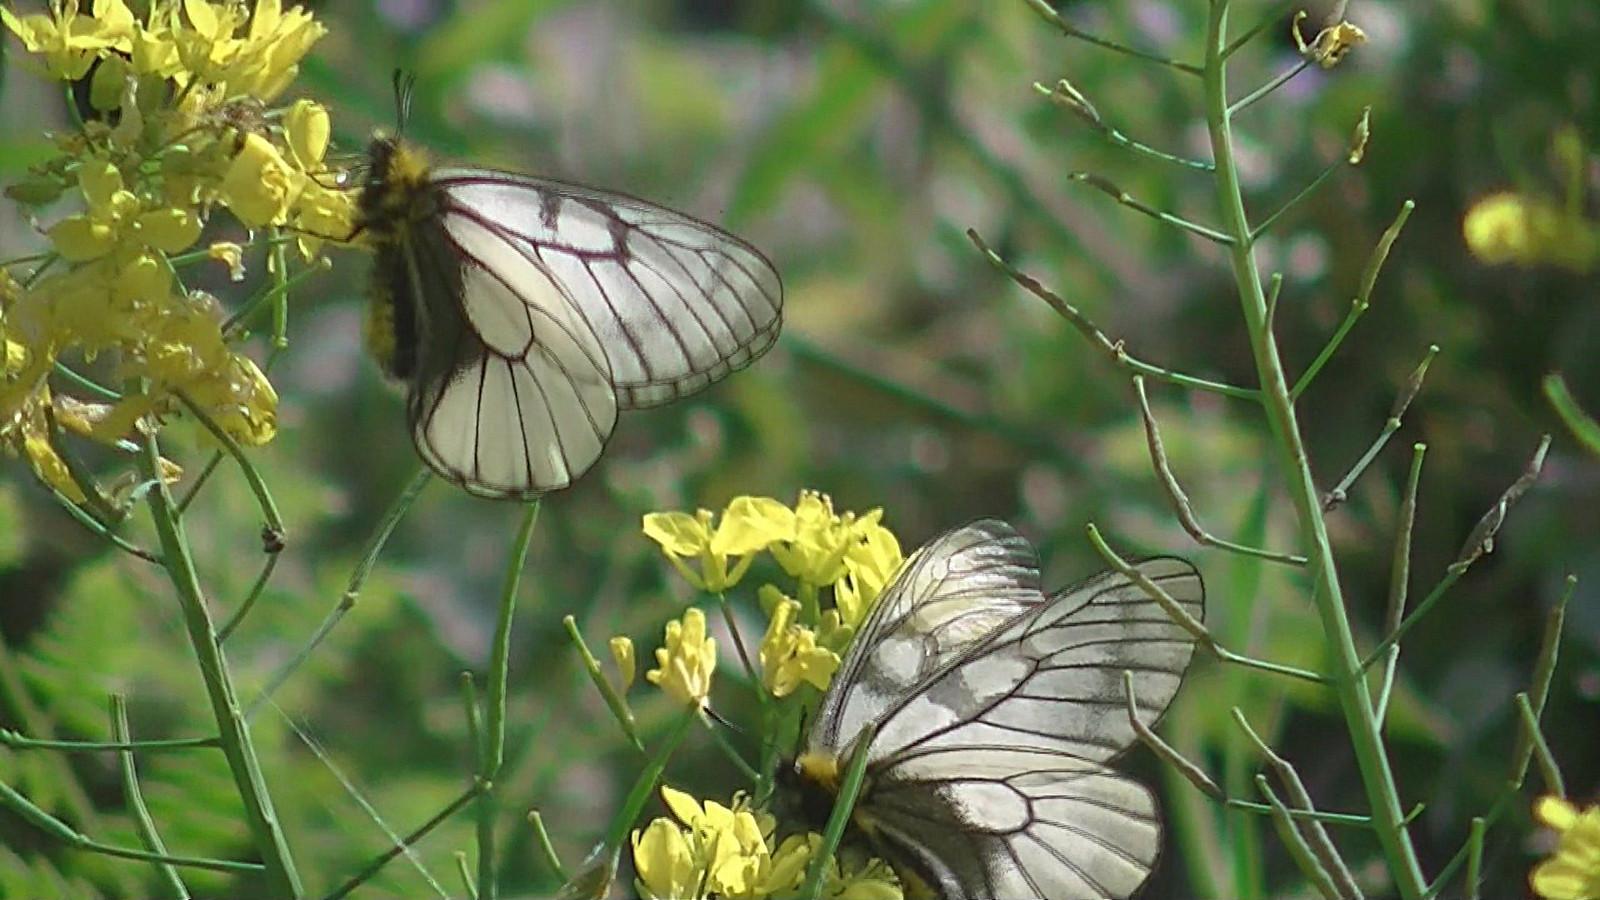 チョウ:ウスバシロチョウのペア